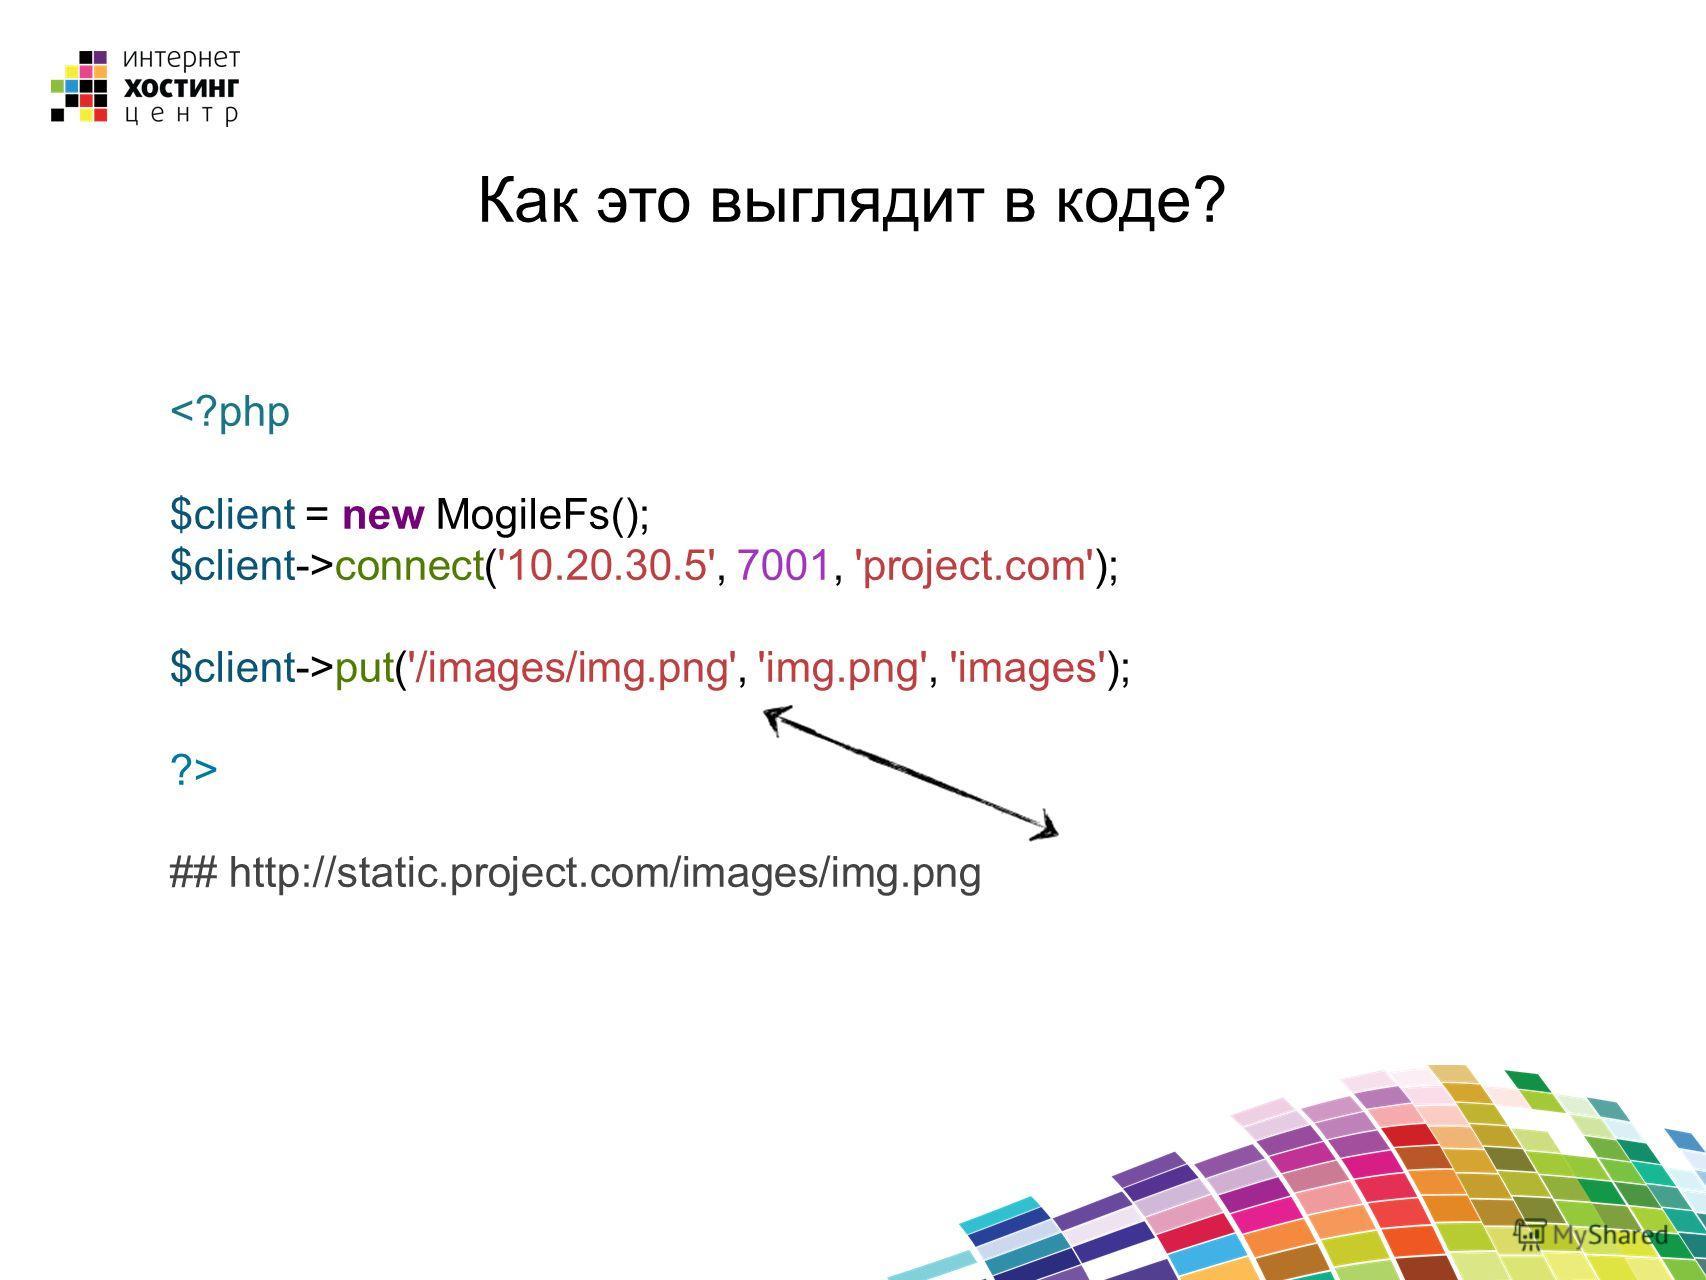 Как это выглядит в коде?  ## http://static.project.com/images/img.png